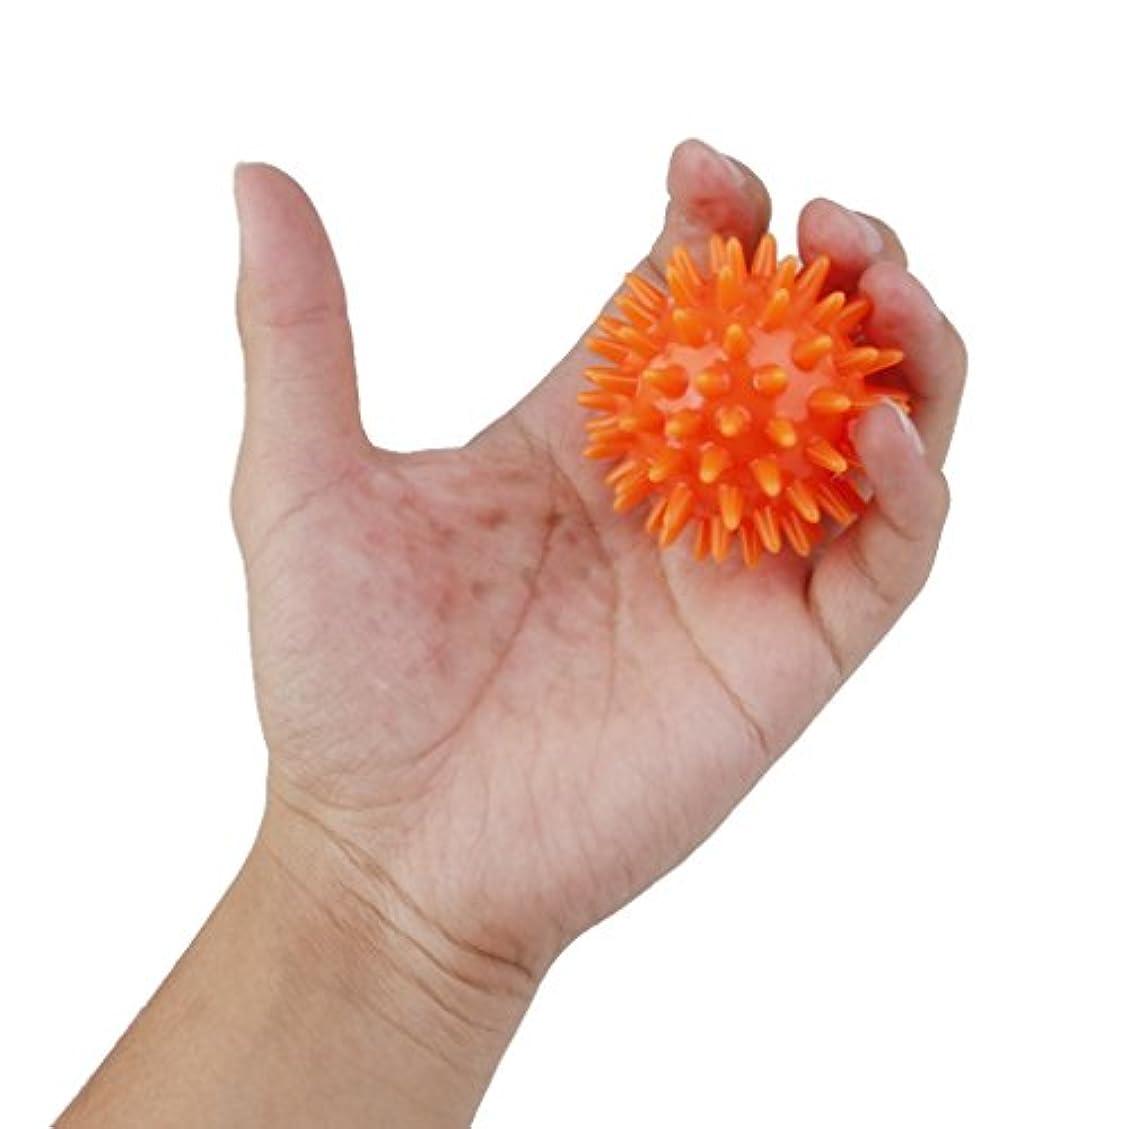 絶滅した章スパイBaosity マッサージボール 手のひら 足 腕 首 背中 足首 ダーク フック側 マッサージ 疲れ 緩和 オレンジ